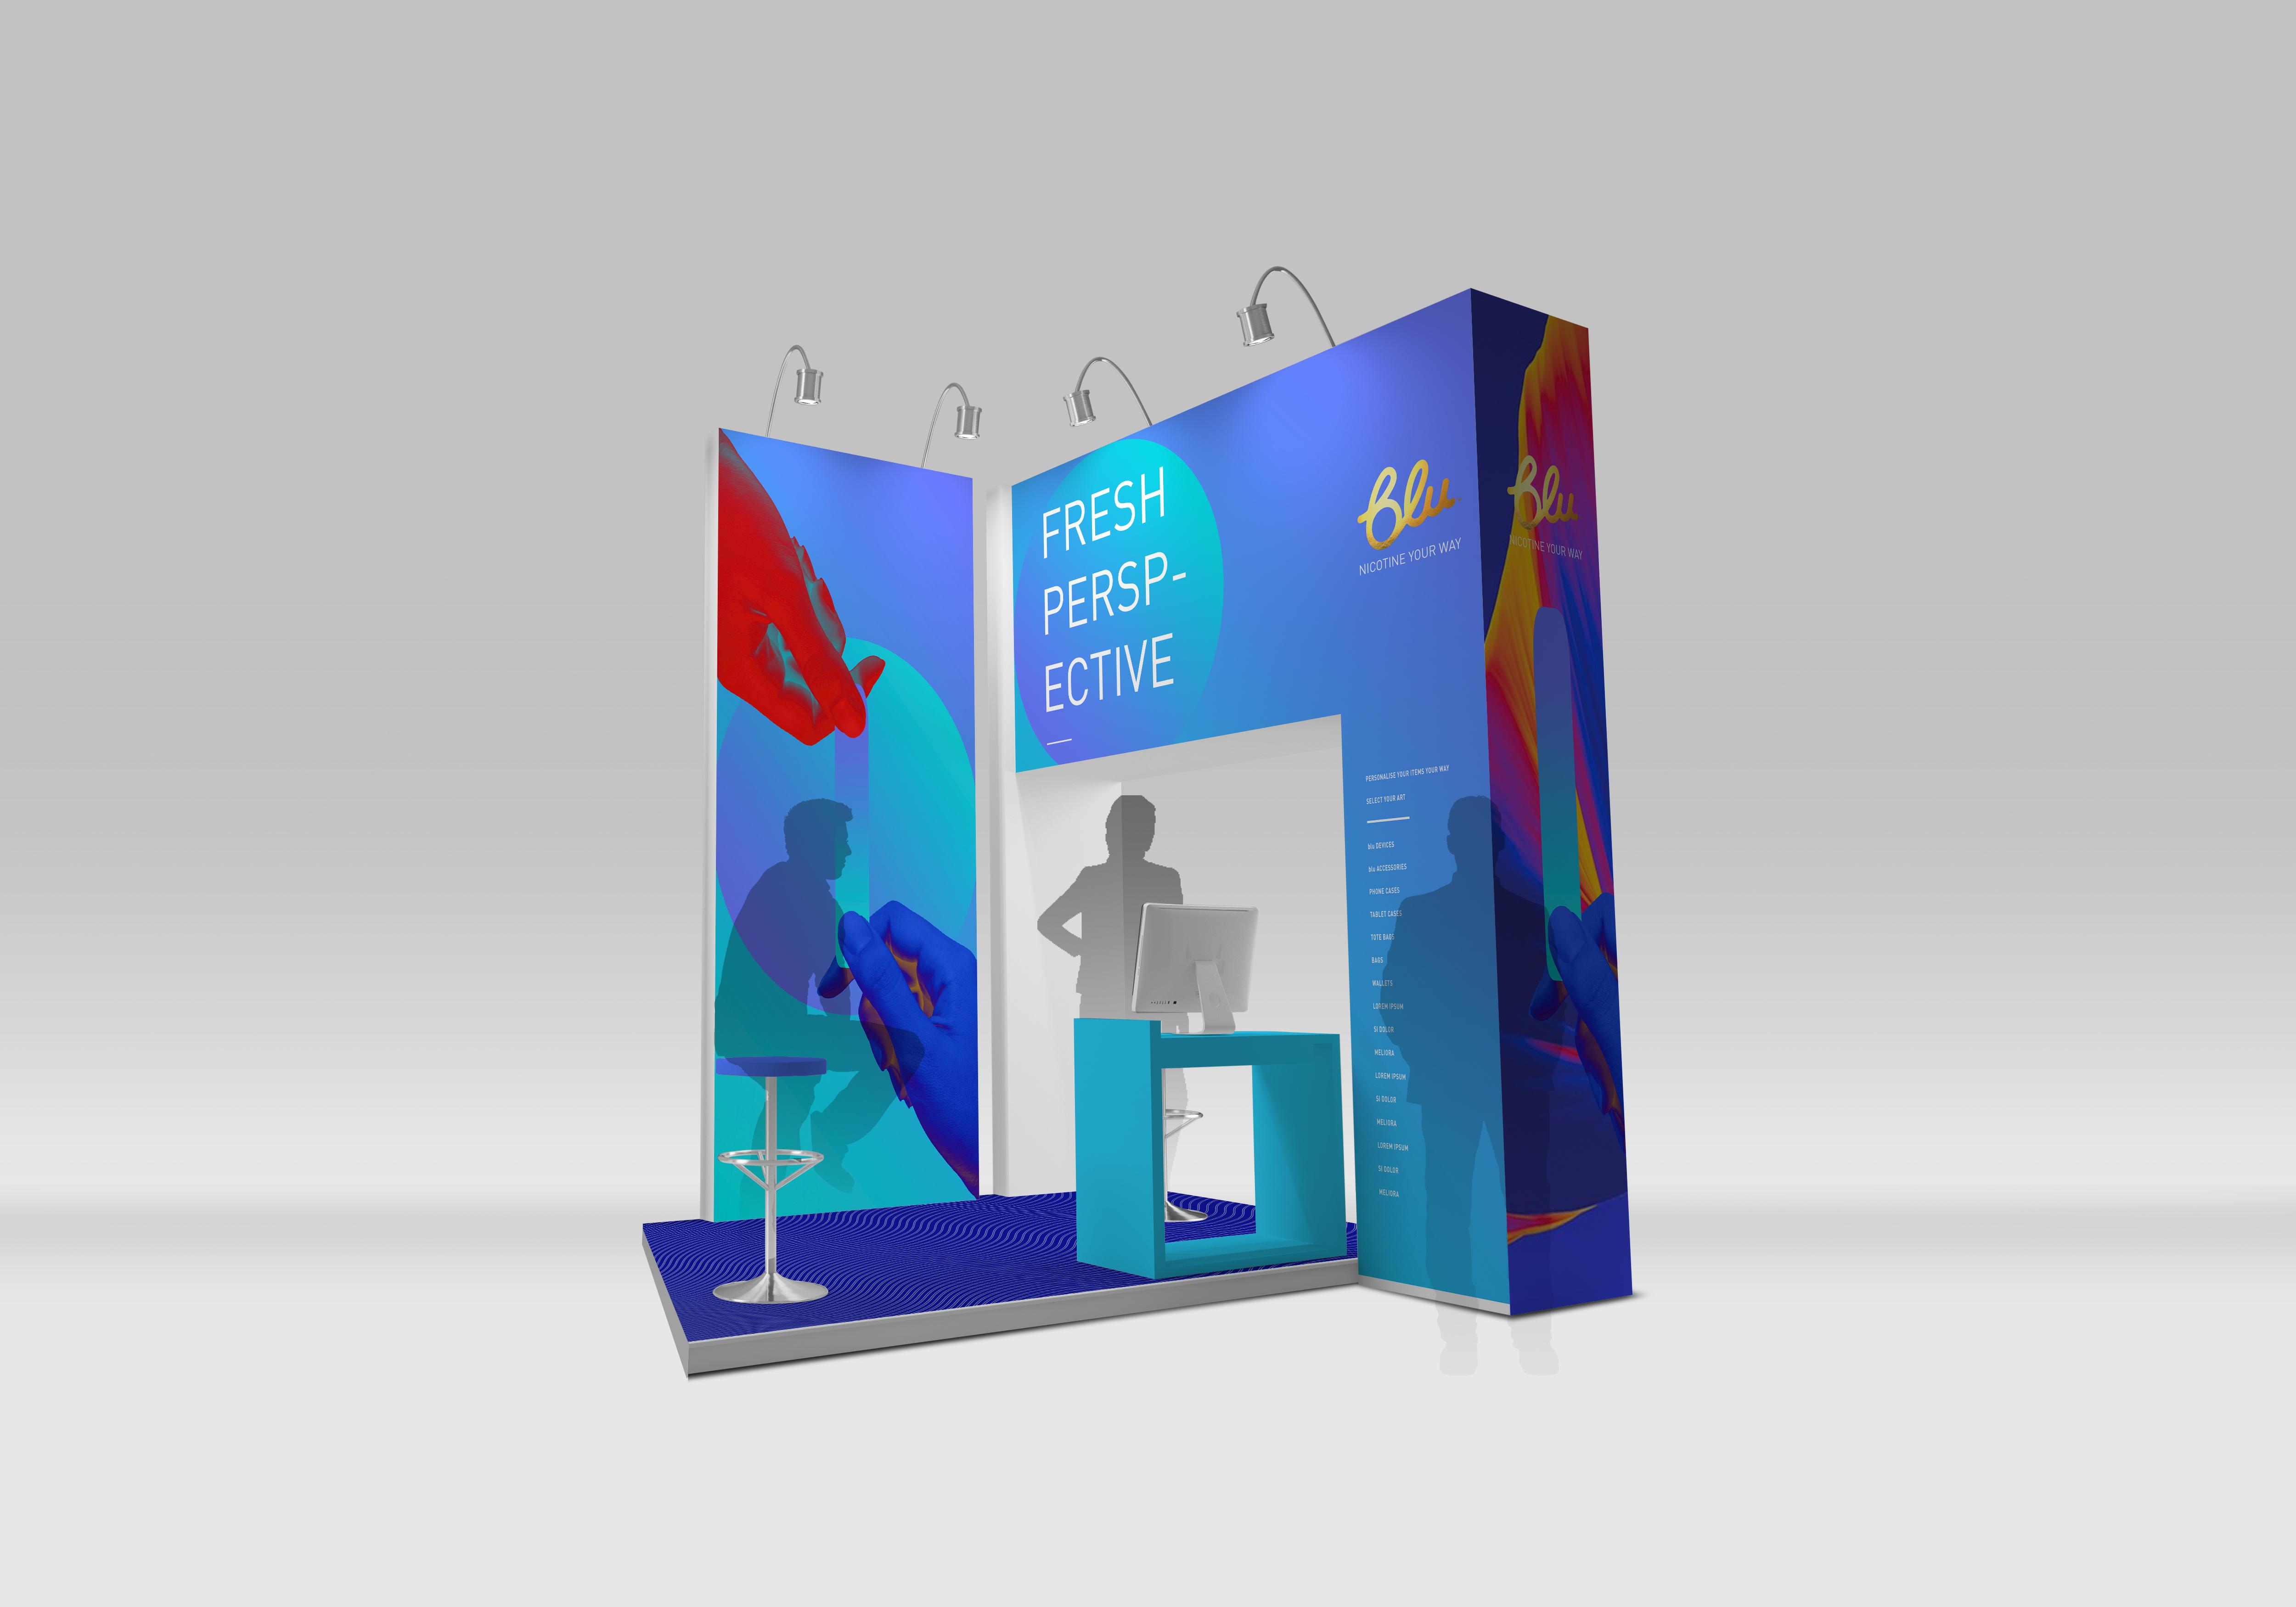 blu_fresh kiosk_2